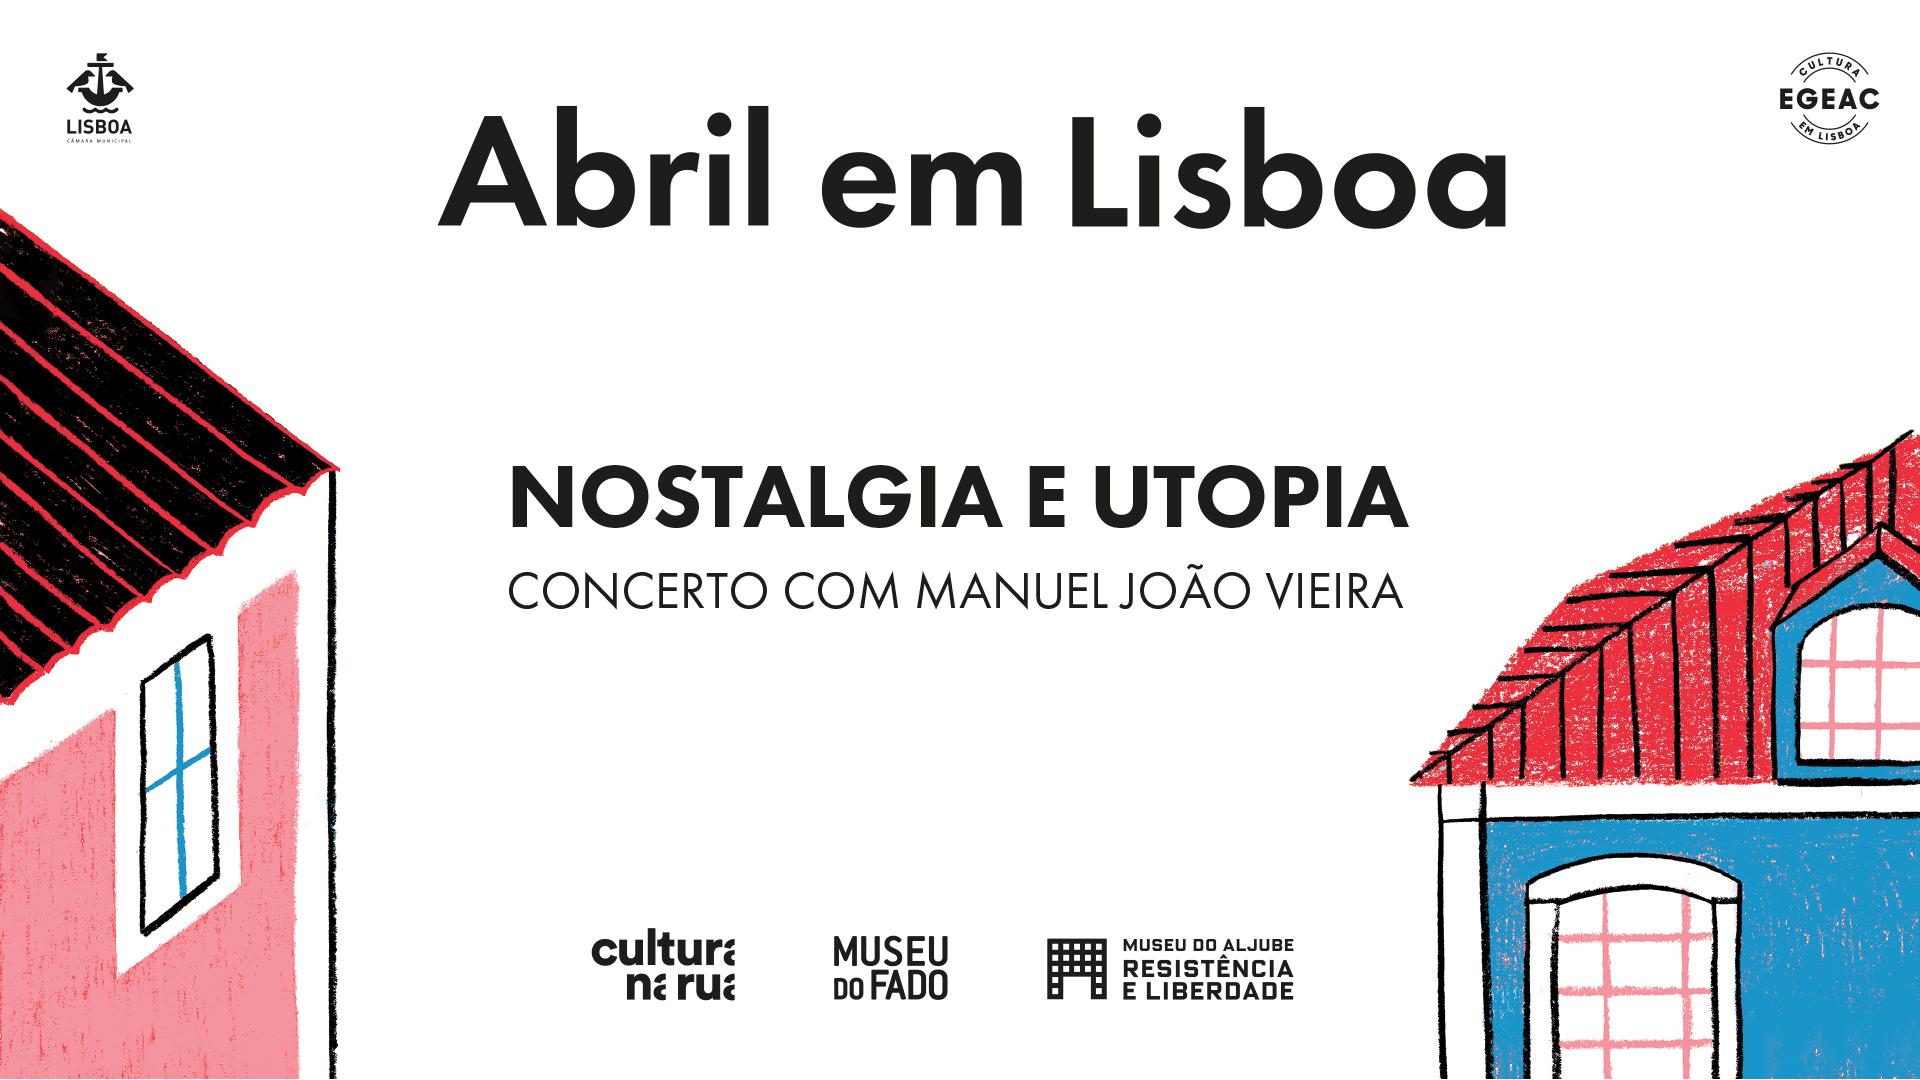 Nostalgia e Utopia (concerto com Manuel João Vieira)